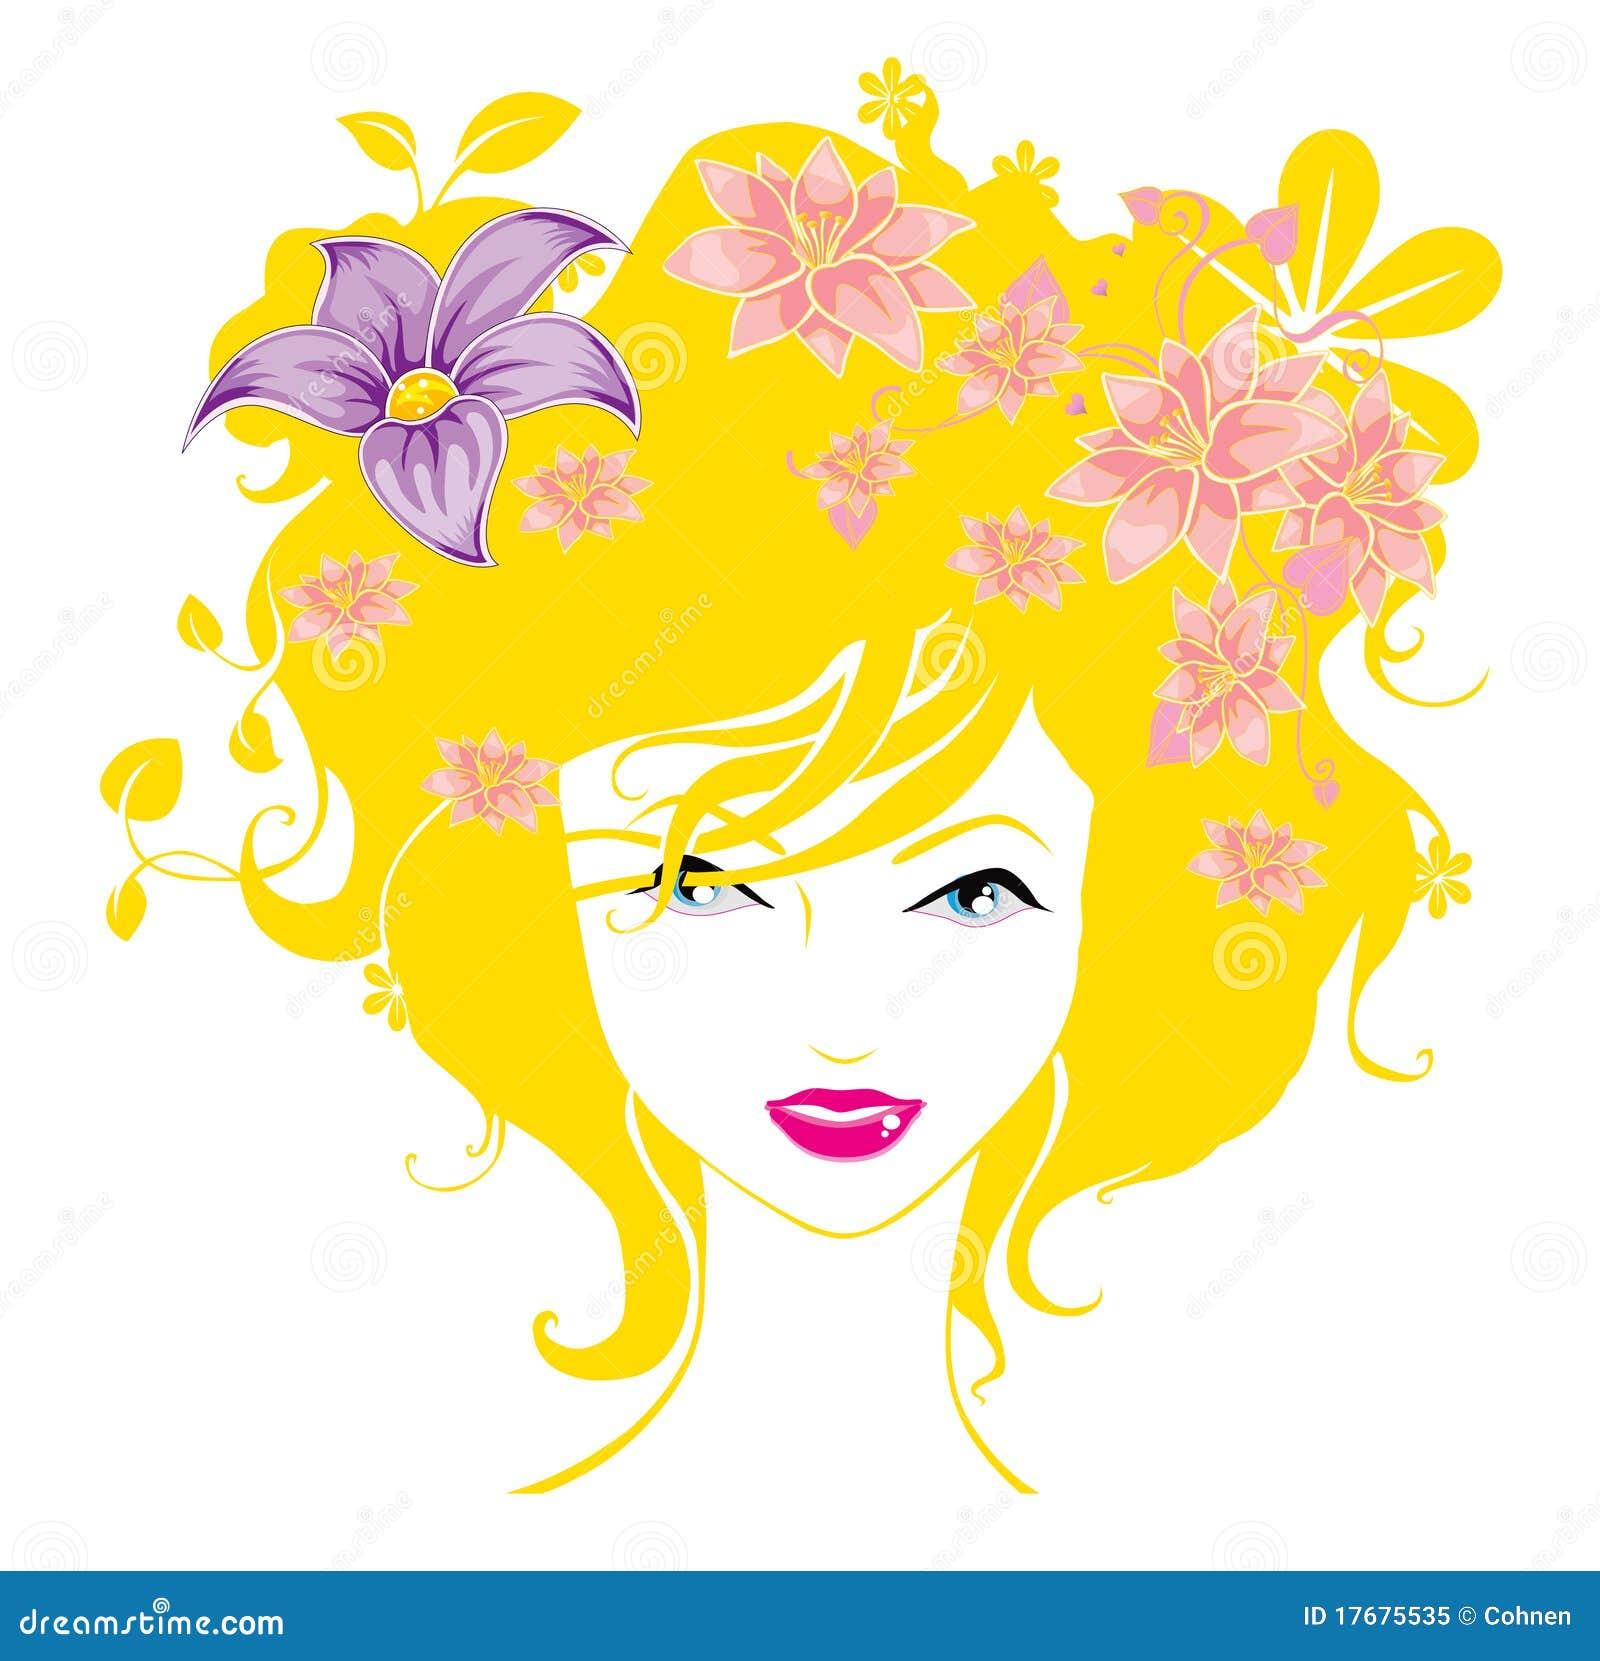 Las Mujeres Abstractas Quieren La Ilustración De Las Flores